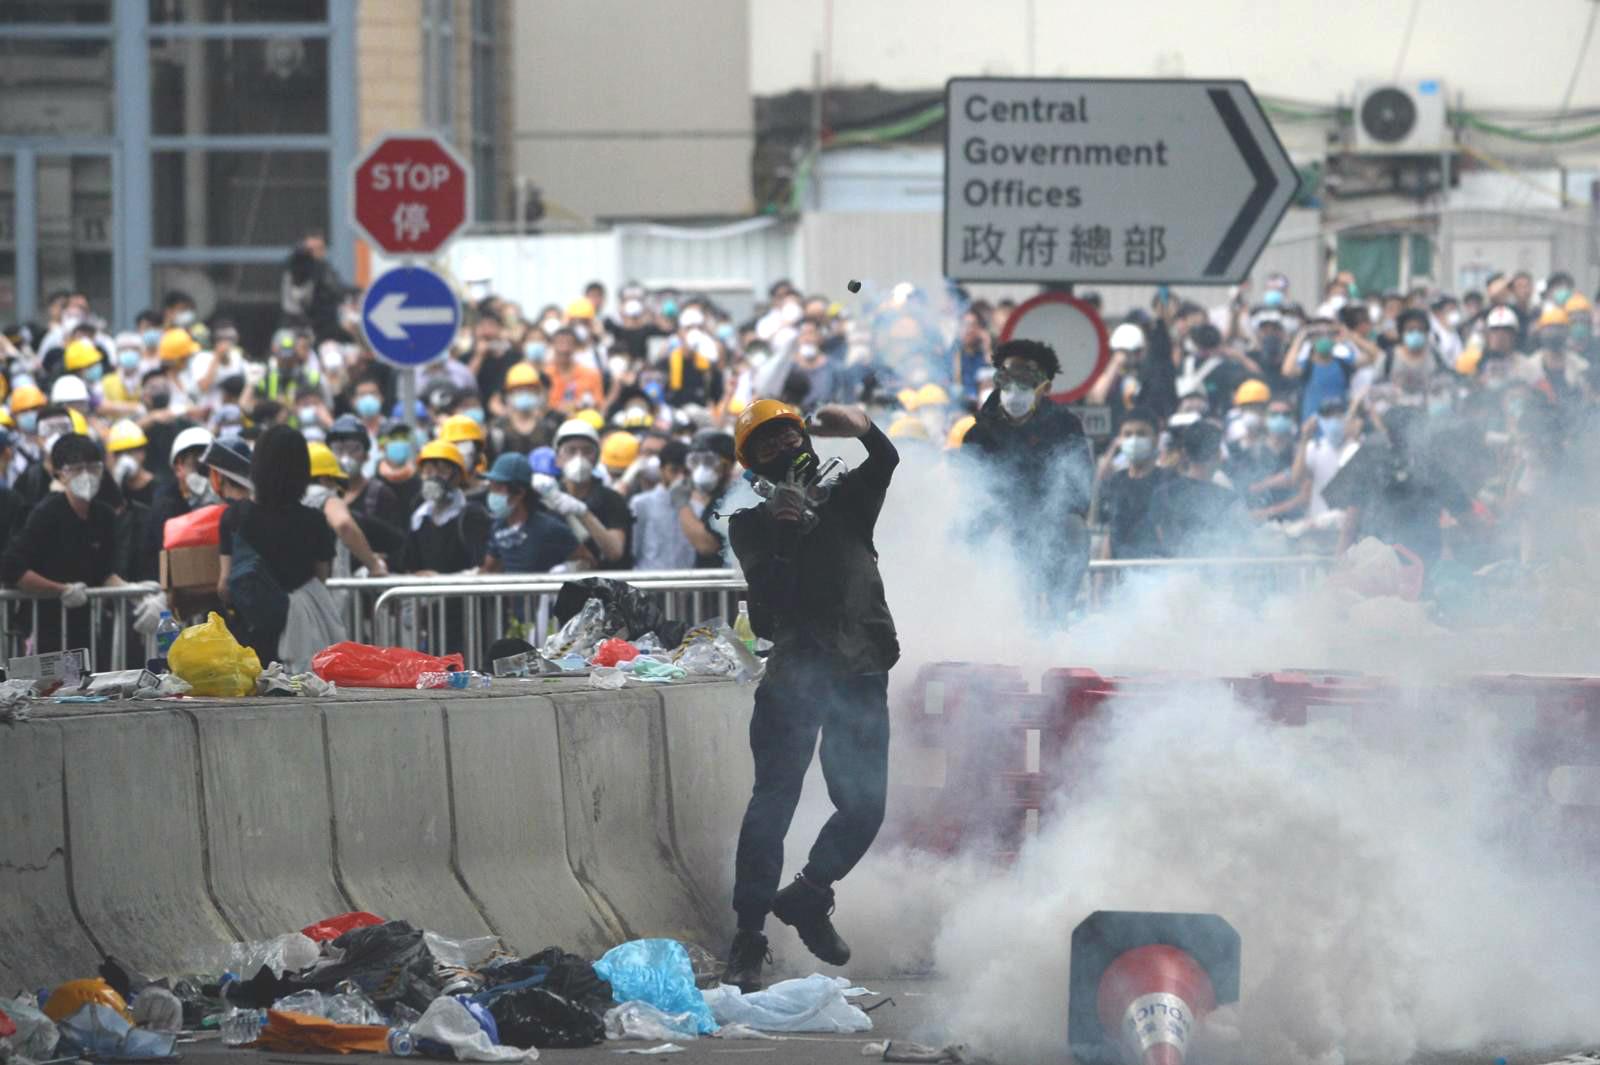 台灣陸委會提醒旅客暫避免前往香港。資料圖片